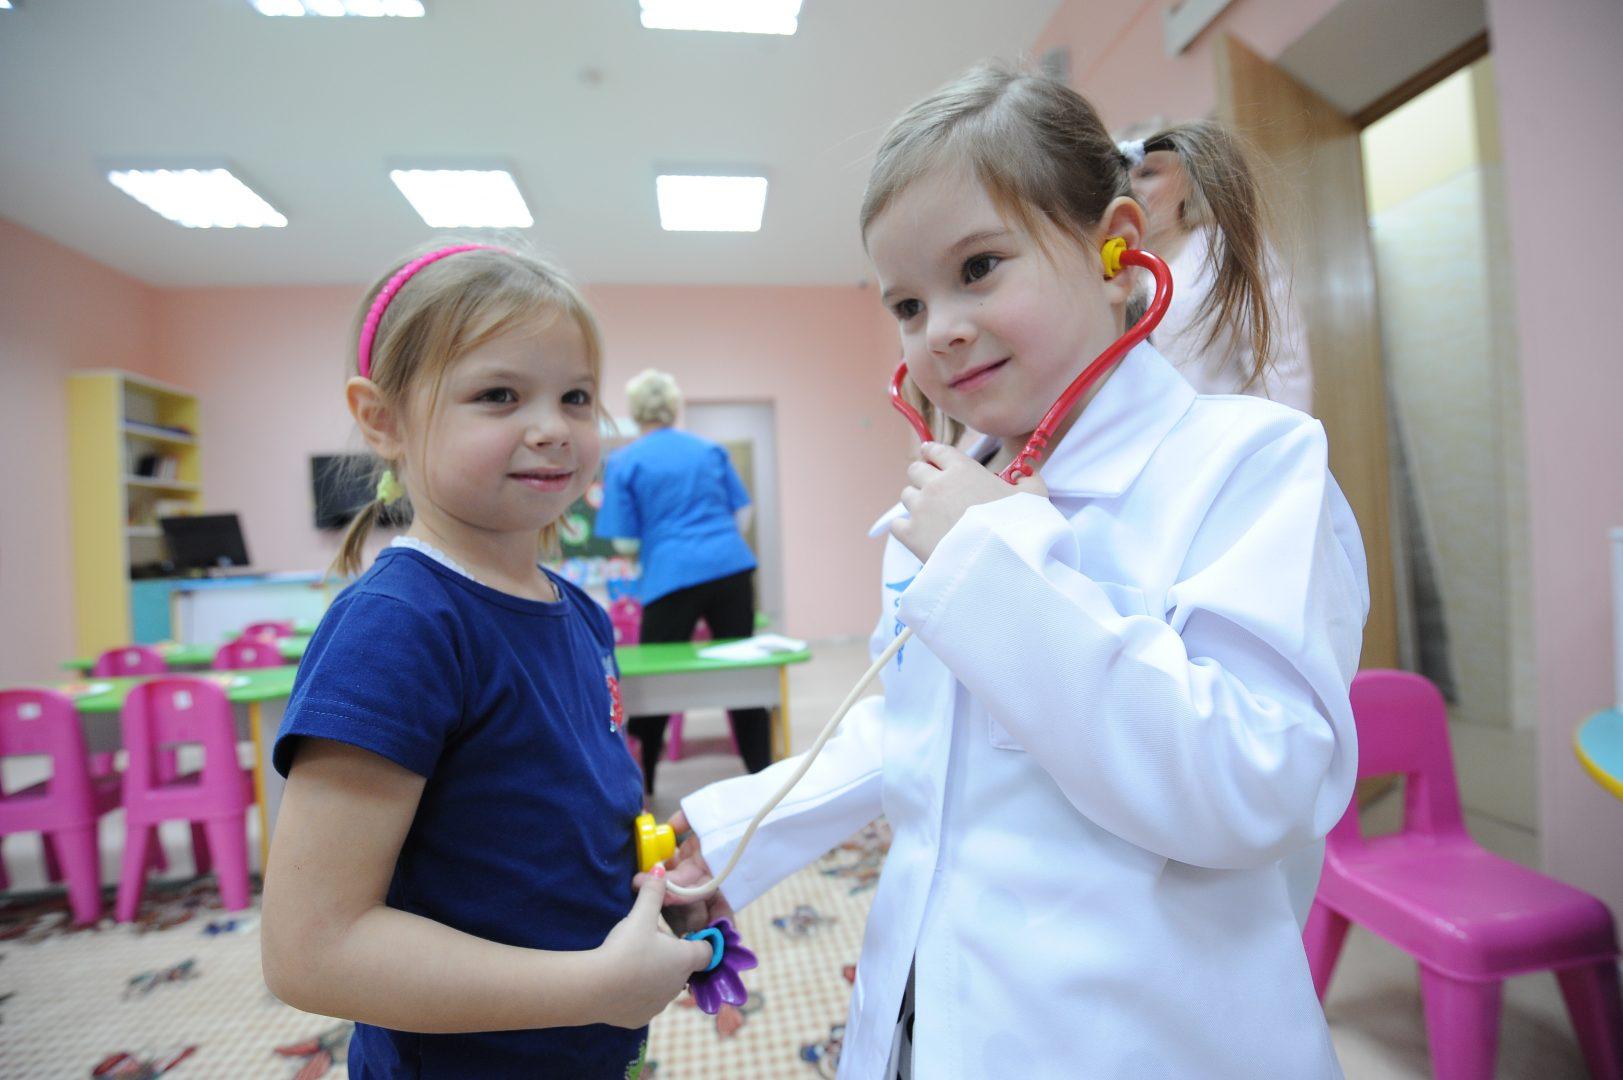 Для детей оборудовали физкультурный и музыкальный залы с кладовыми для хранения инвентаря. Фото: Пелагия Замятина, «Вечерняя Москва»